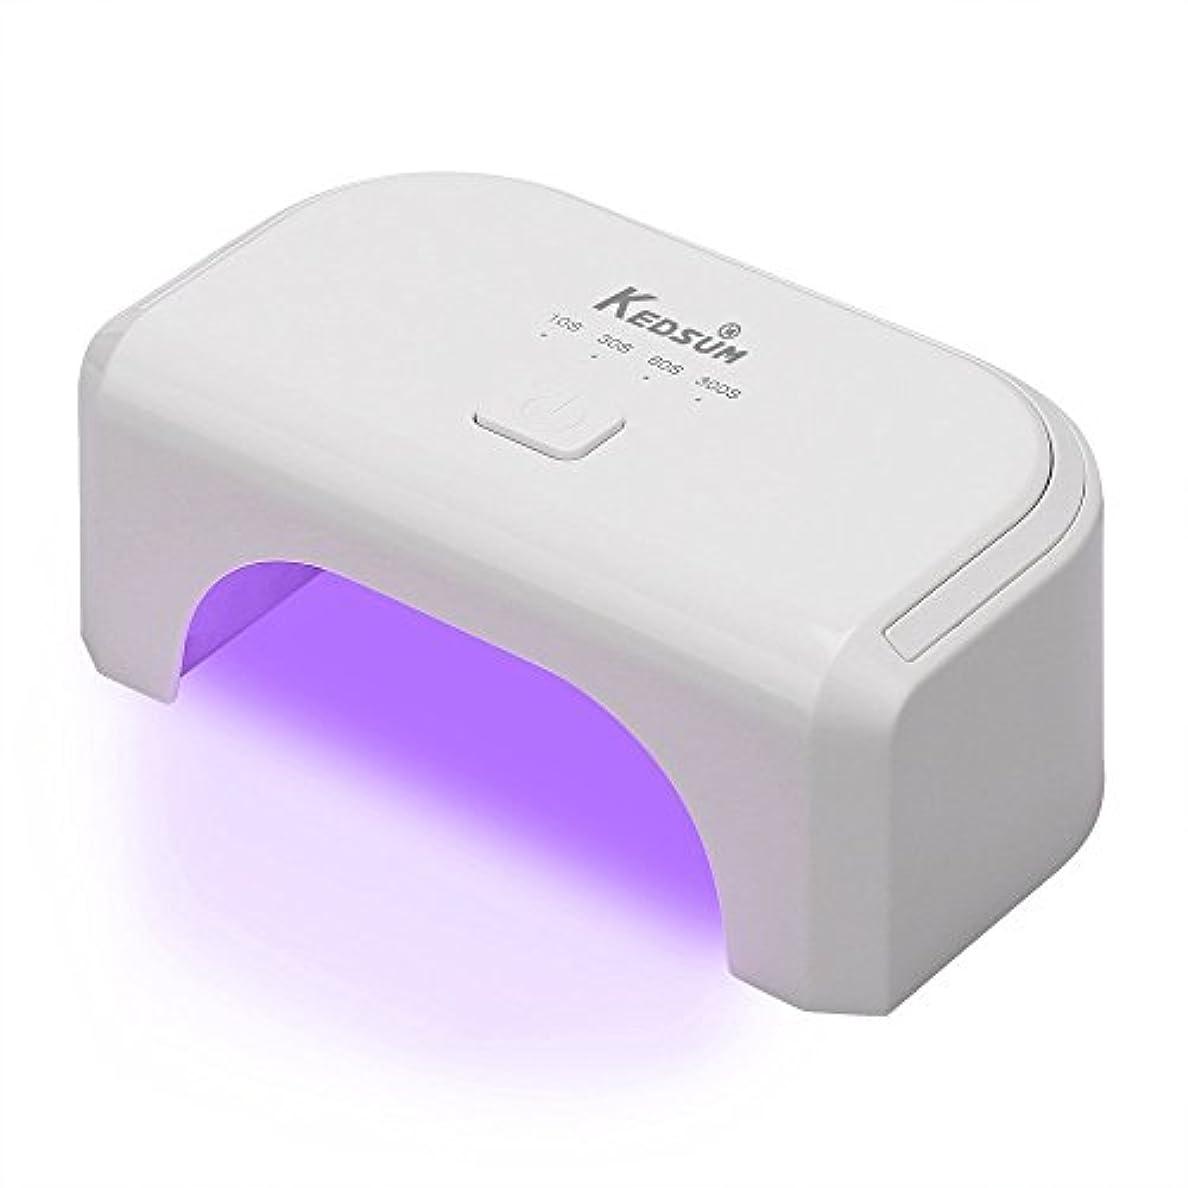 KEDSUM 12W LEDネイルドライヤー 硬化用ライト マニキュア ジェルネイル用ライト 省エネ 最短硬化 自動パワーオフ 四つのタイマー設定可能(ホワイト)